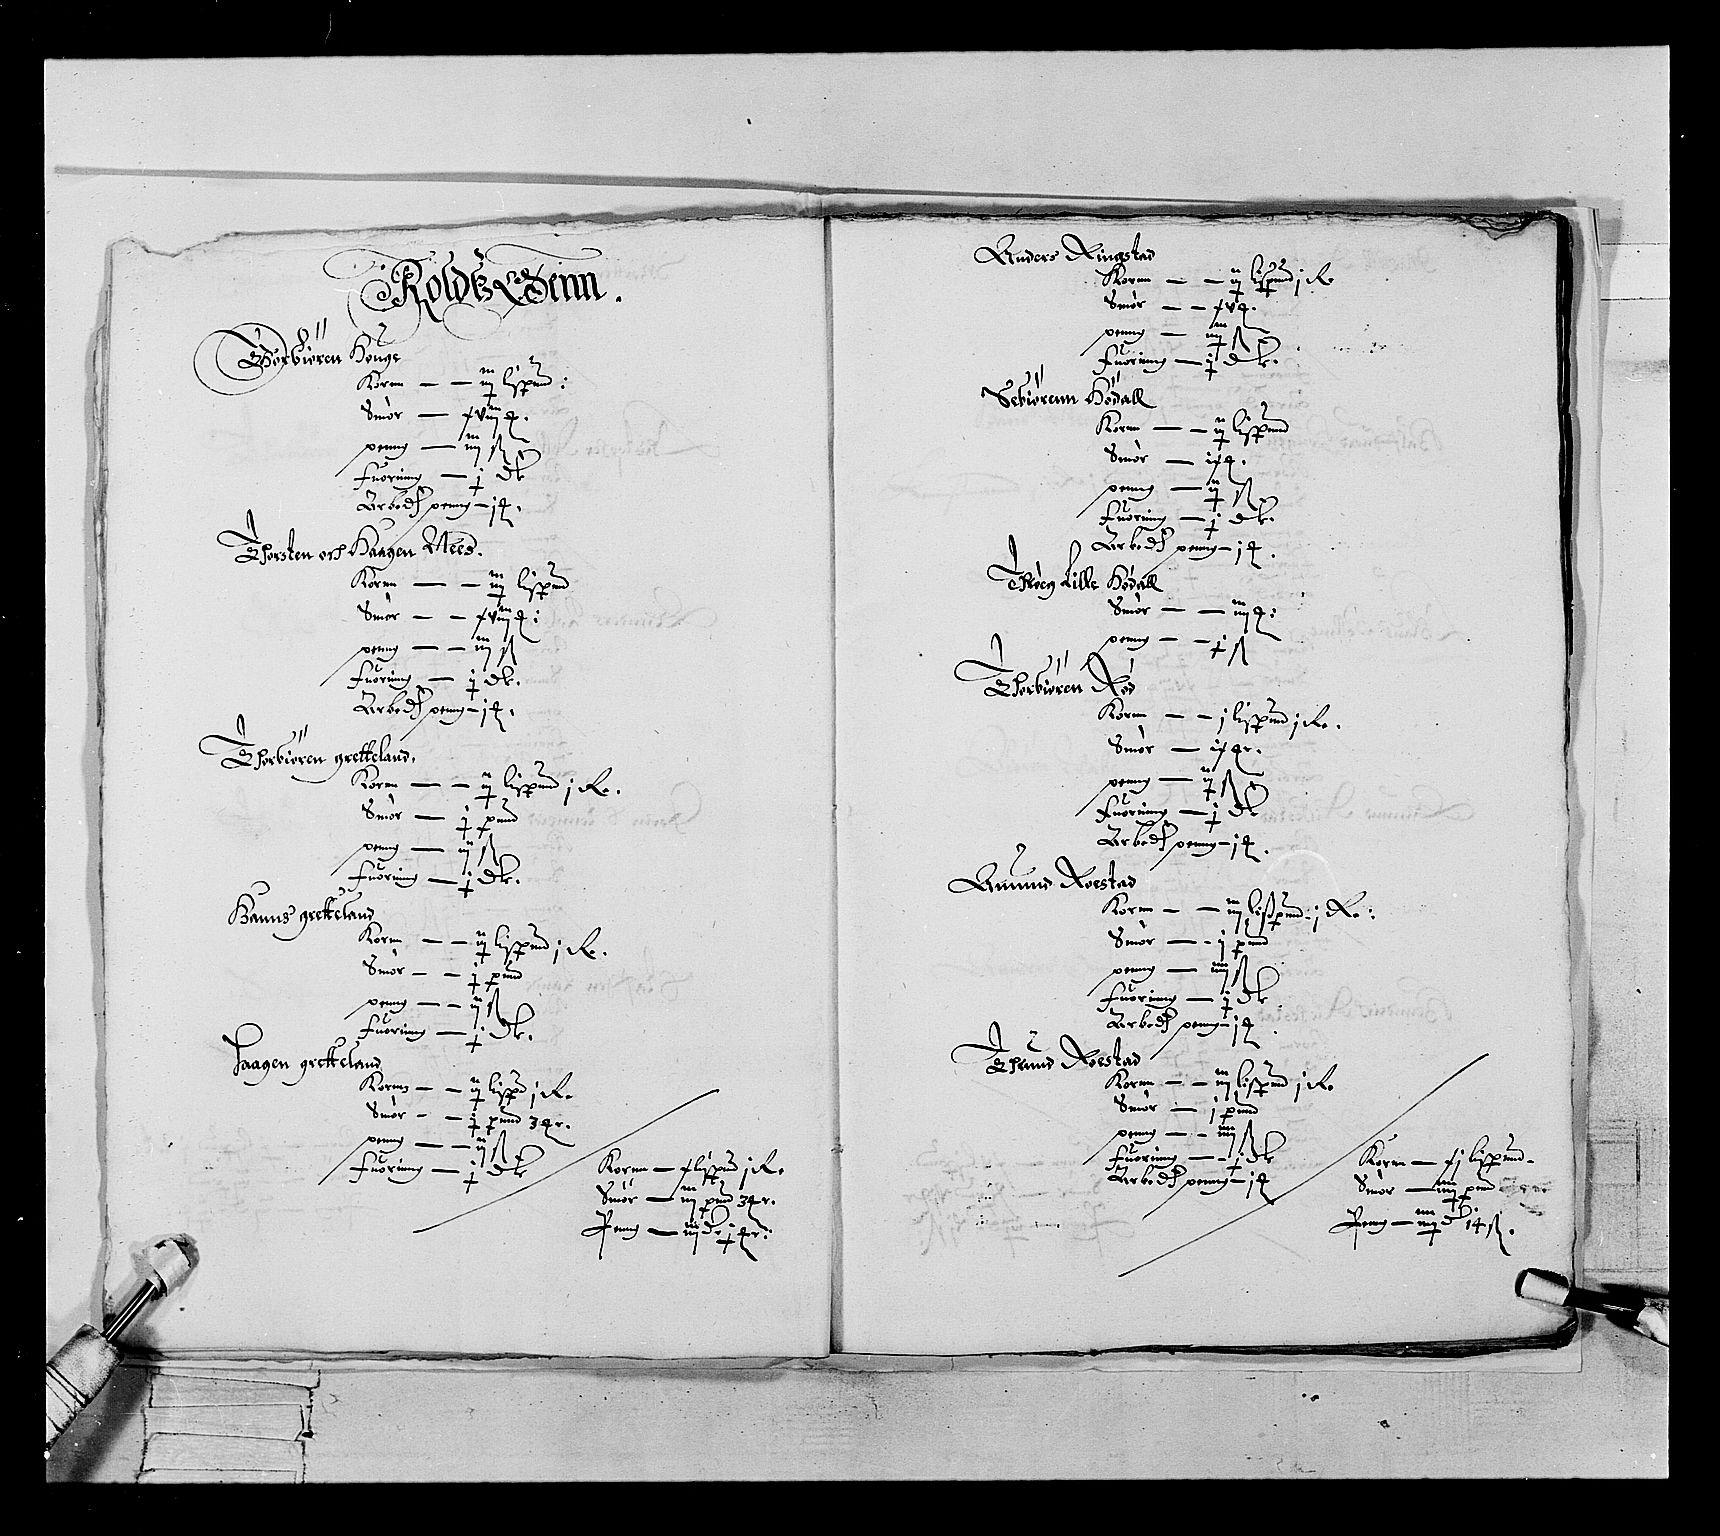 RA, Stattholderembetet 1572-1771, Ek/L0022: Jordebøker 1633-1658:, 1646-1647, s. 11